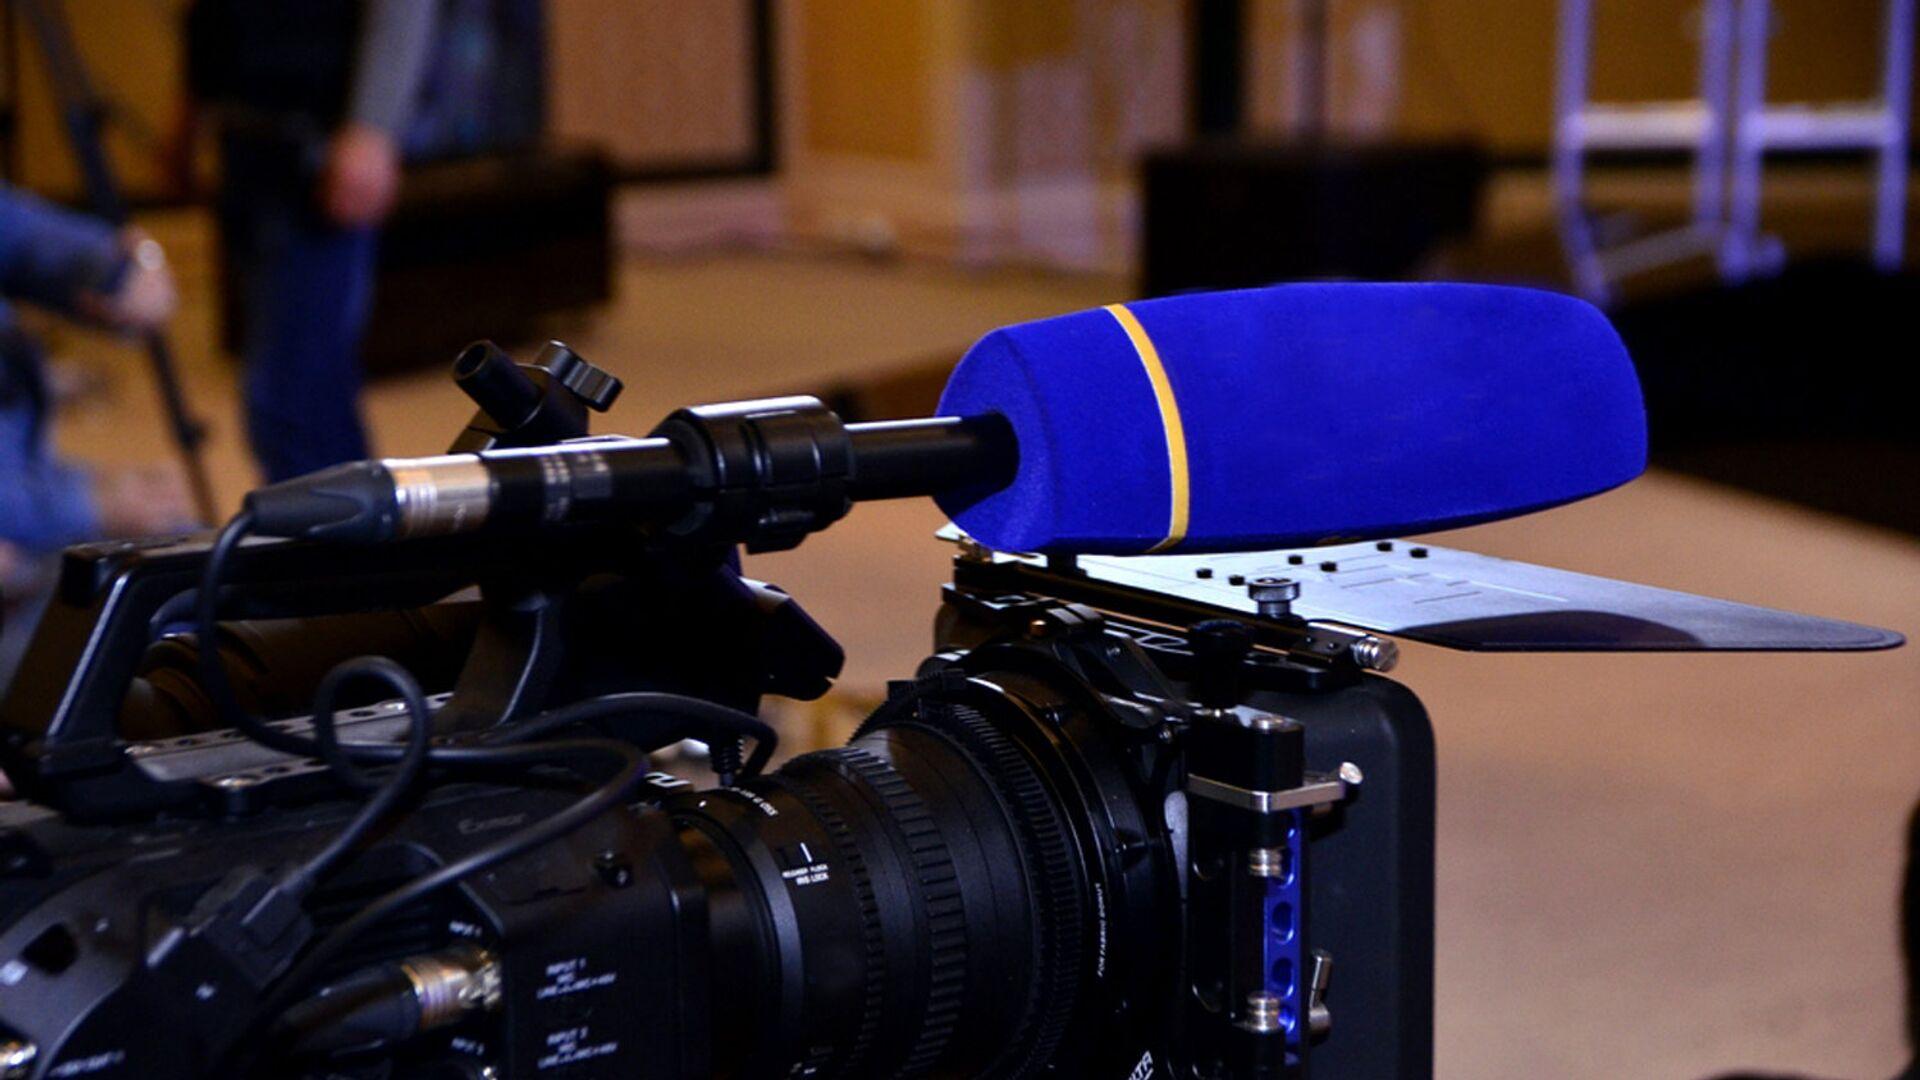 Видеокамера на пресс-конференции - Sputnik Ўзбекистон, 1920, 10.09.2021